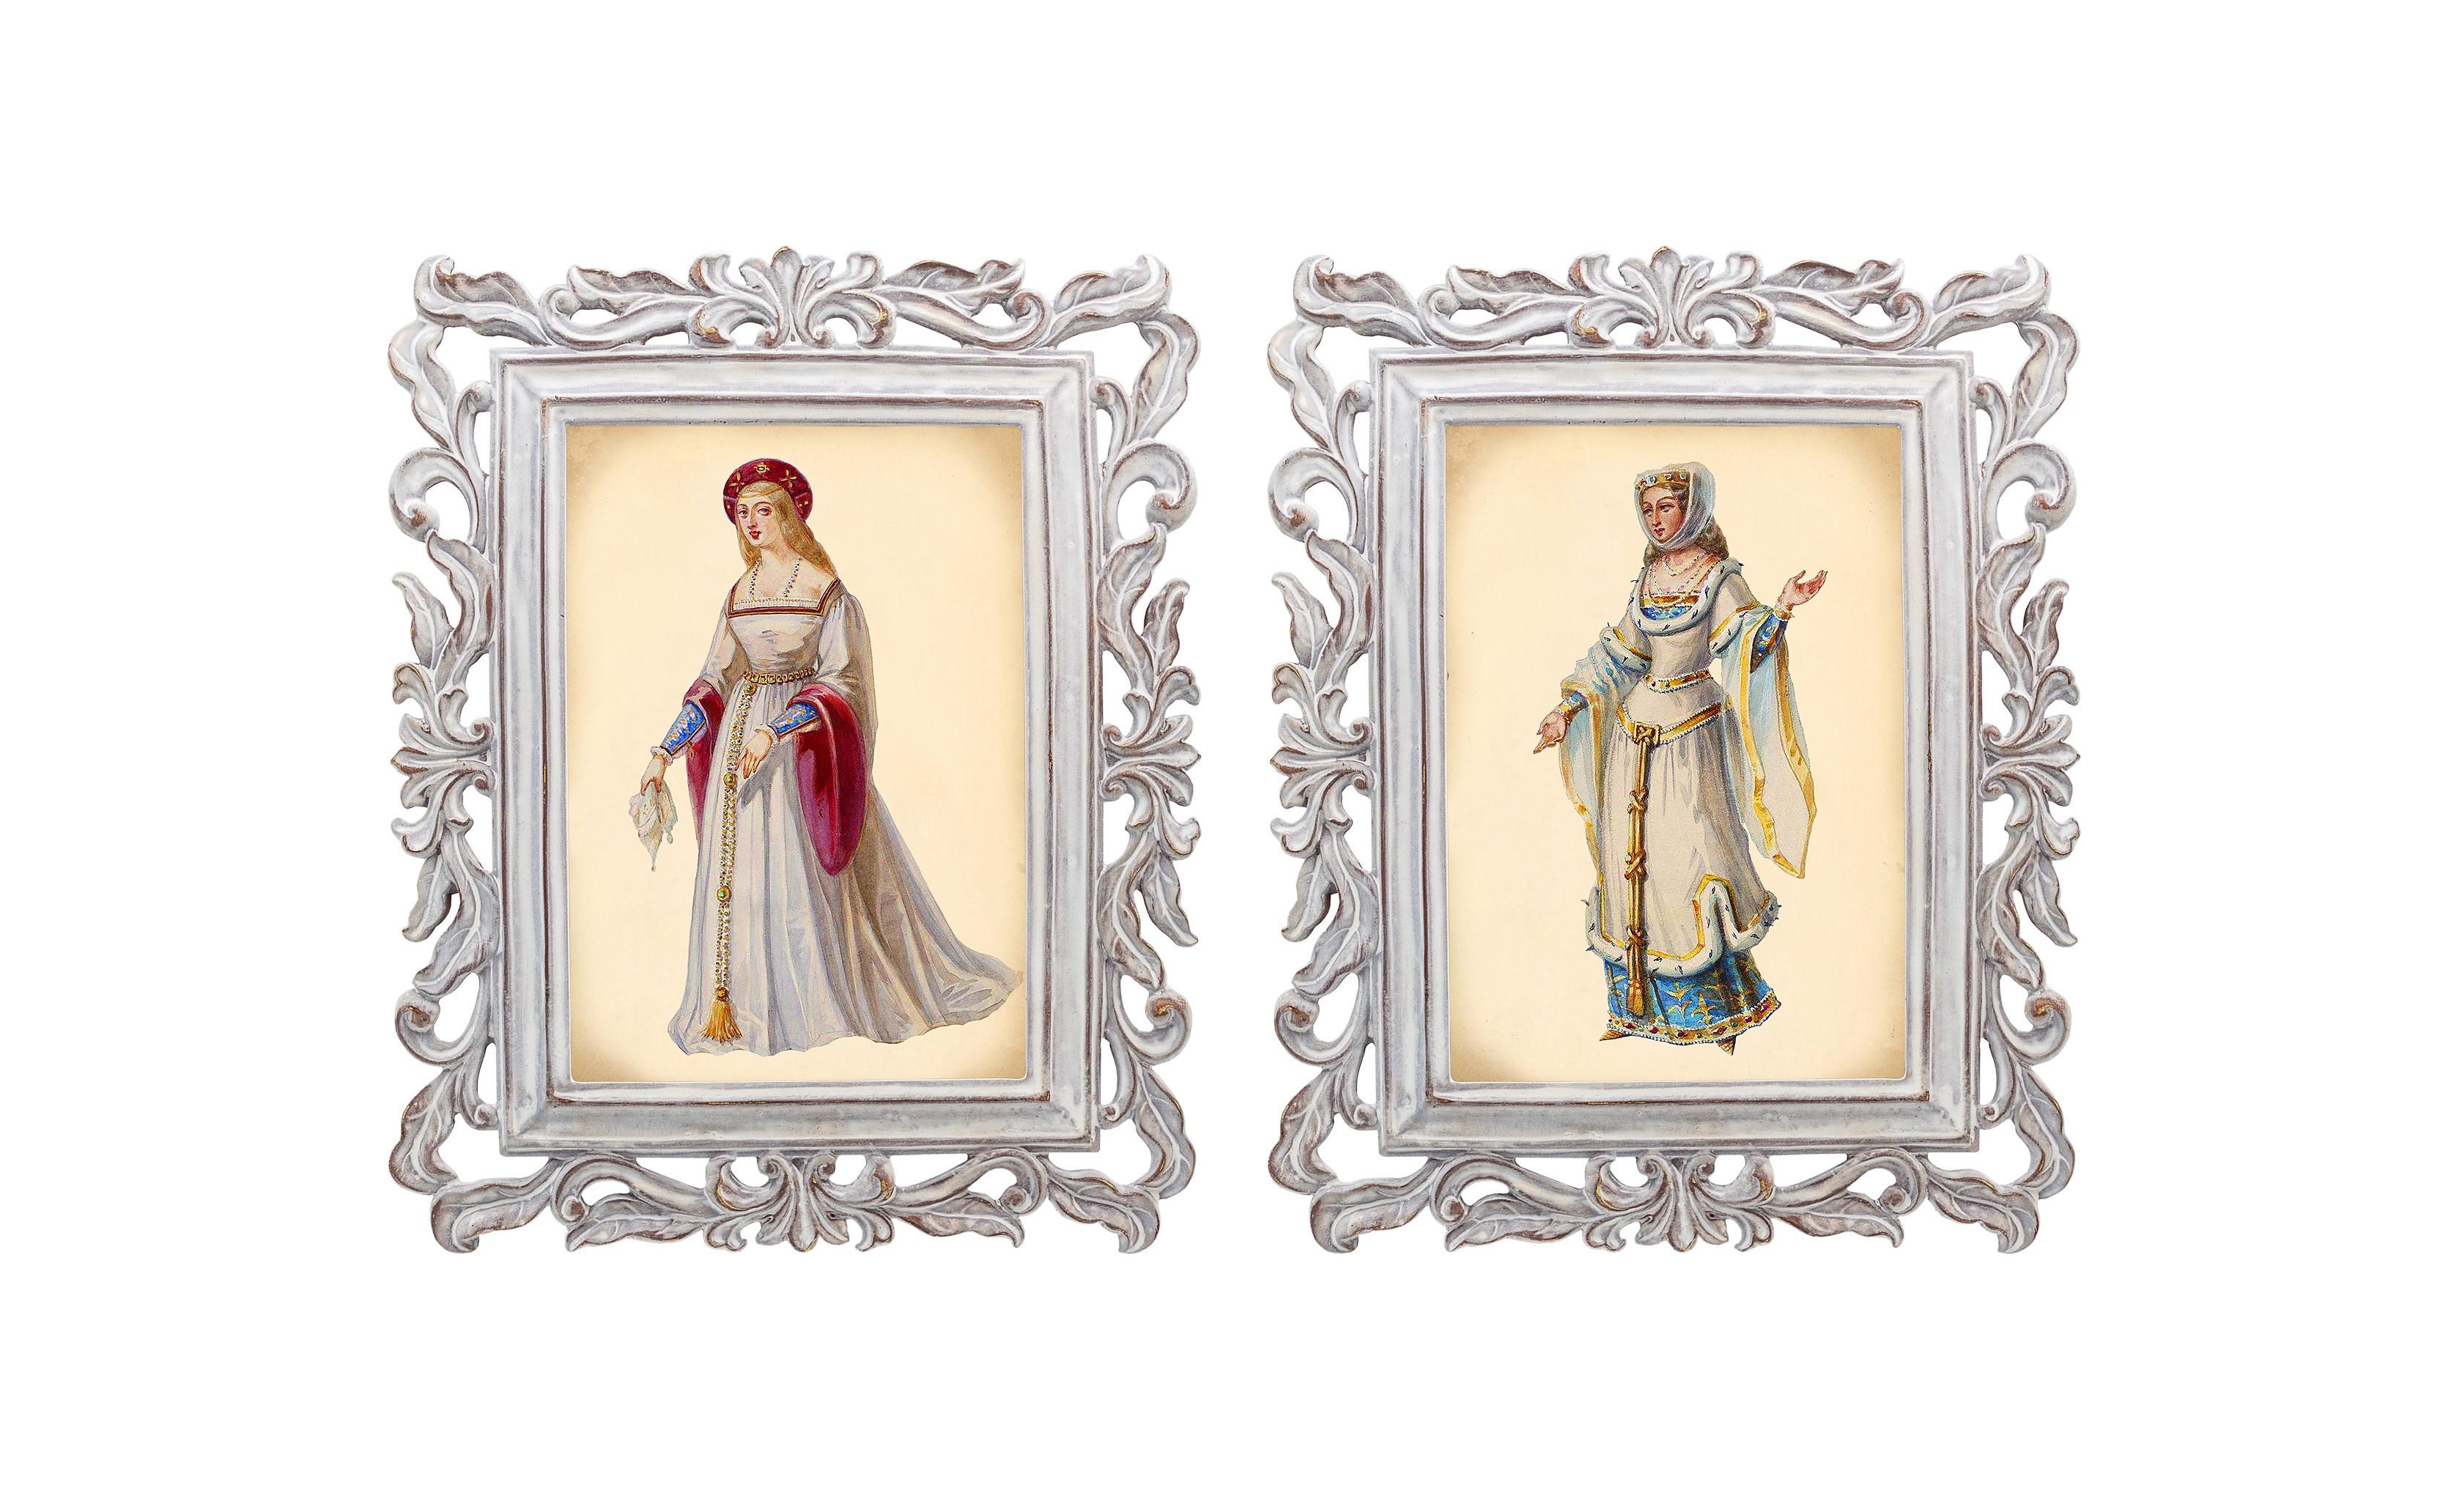 Набор из двух репродукций Агата и Бурлеск 8Картины<br>В моде викторианской эпохи достигалась гармония между женской хрупкостью и неприступной гордостью. Репродукции старинных картин из серии «Бурлеск» напоминают об этом времени богатства, роскоши и поистине королевского стиля. Это не только сентиментальное воспоминание о предметах и целых эпохах прошлого, — это еще и оригинальная деталь интерьера, которая поражает множеством элементов и эффектно смотрится в любом пространстве.<br><br>Material: Камень<br>Ширина см: 21<br>Высота см: 26<br>Глубина см: 1